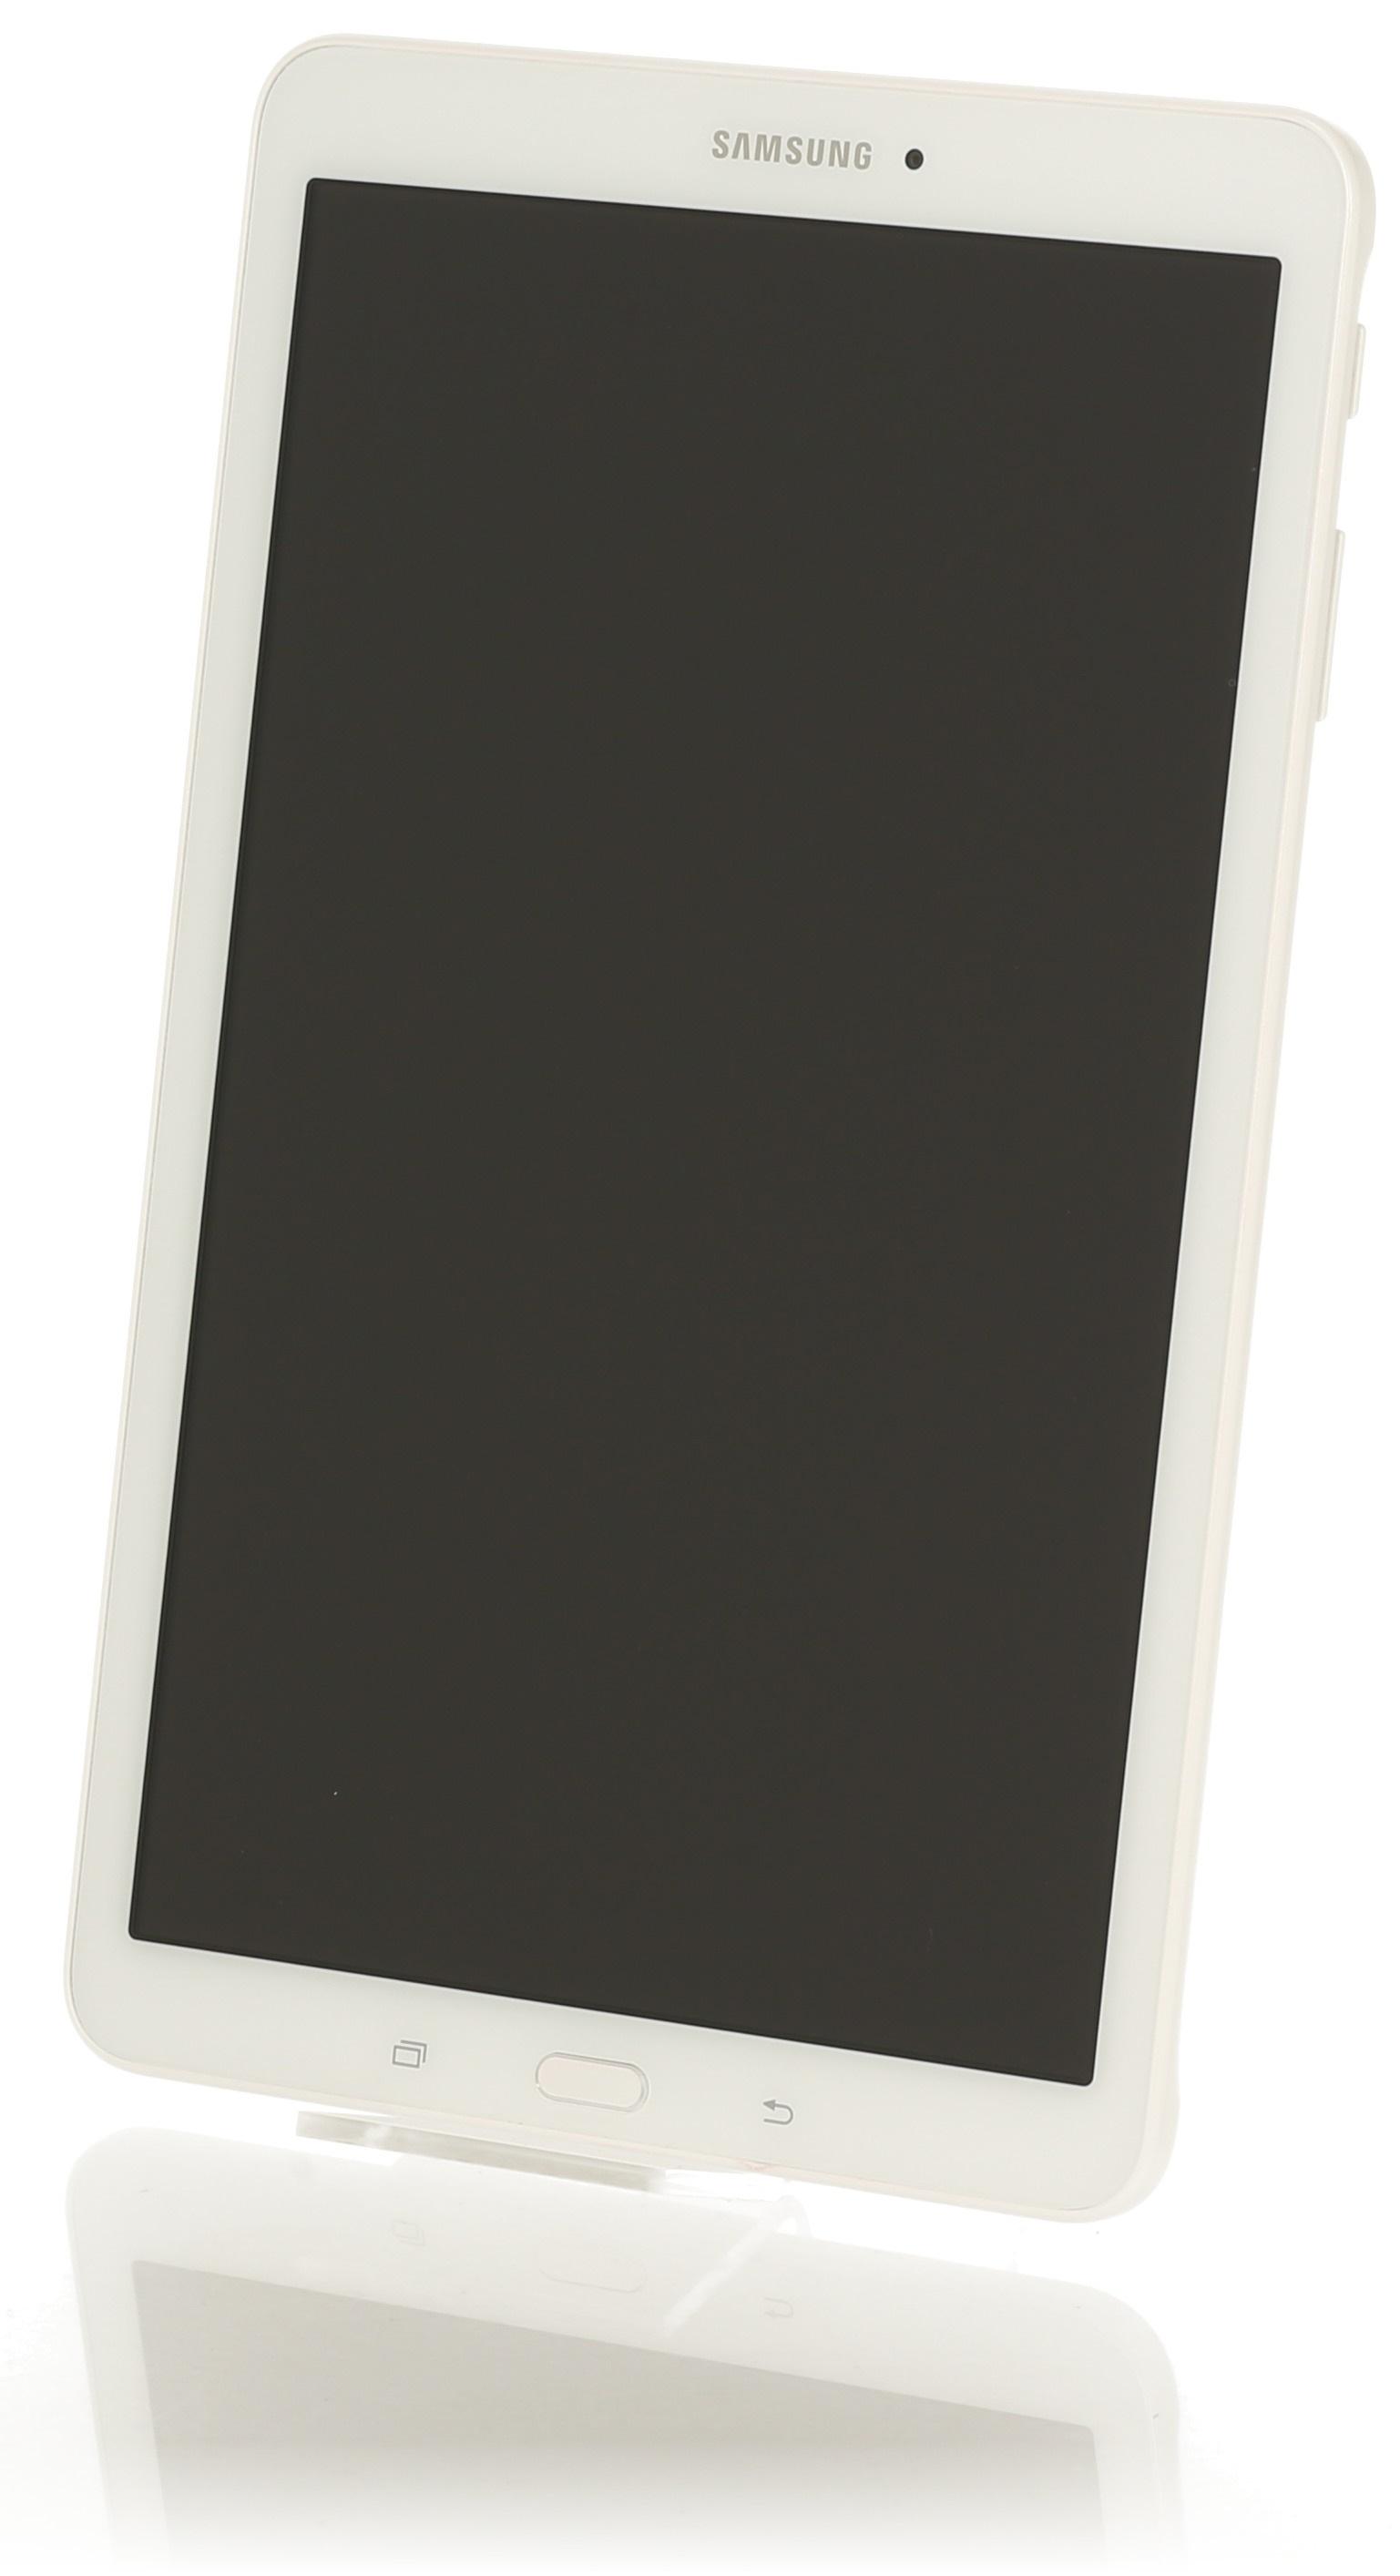 Samsung Galaxy Tab A 7.0 7 8GB [Wi-Fi + 4G] weiß